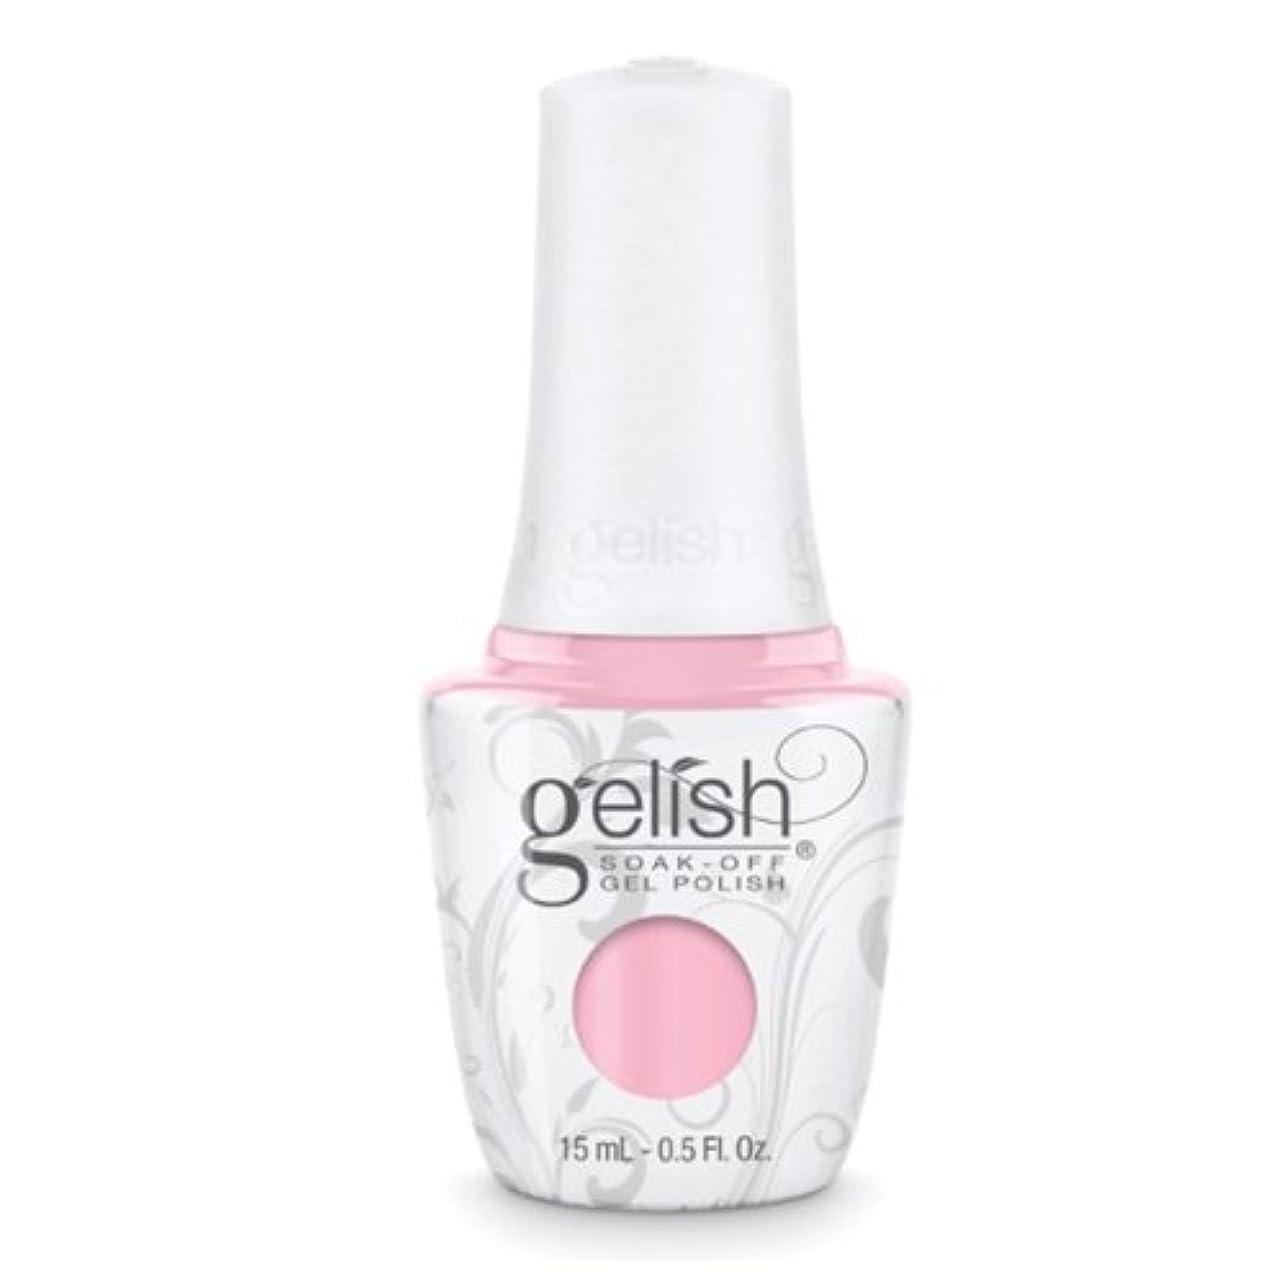 すごいボイコットボーナスHarmony gelishソークオフジェル-Pink Smoothie 15ml [海外直送品][並行輸入品]